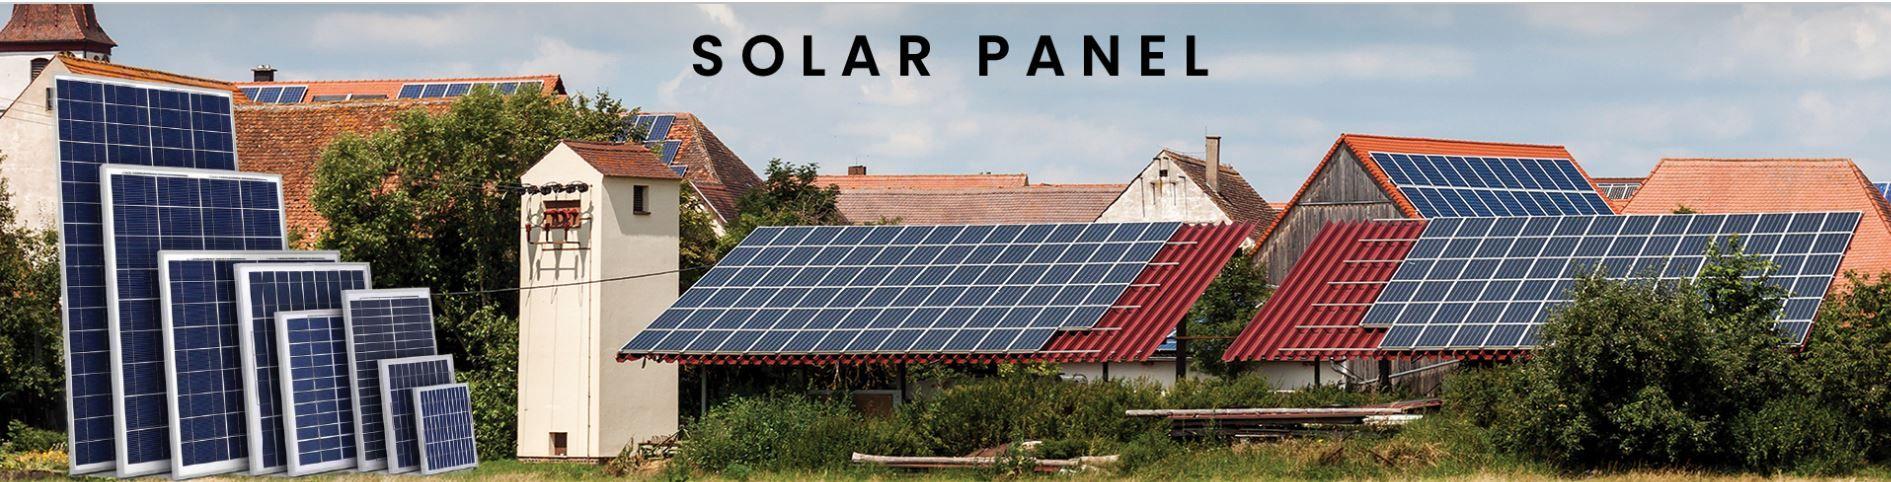 Best Qwik Solar Panels in India